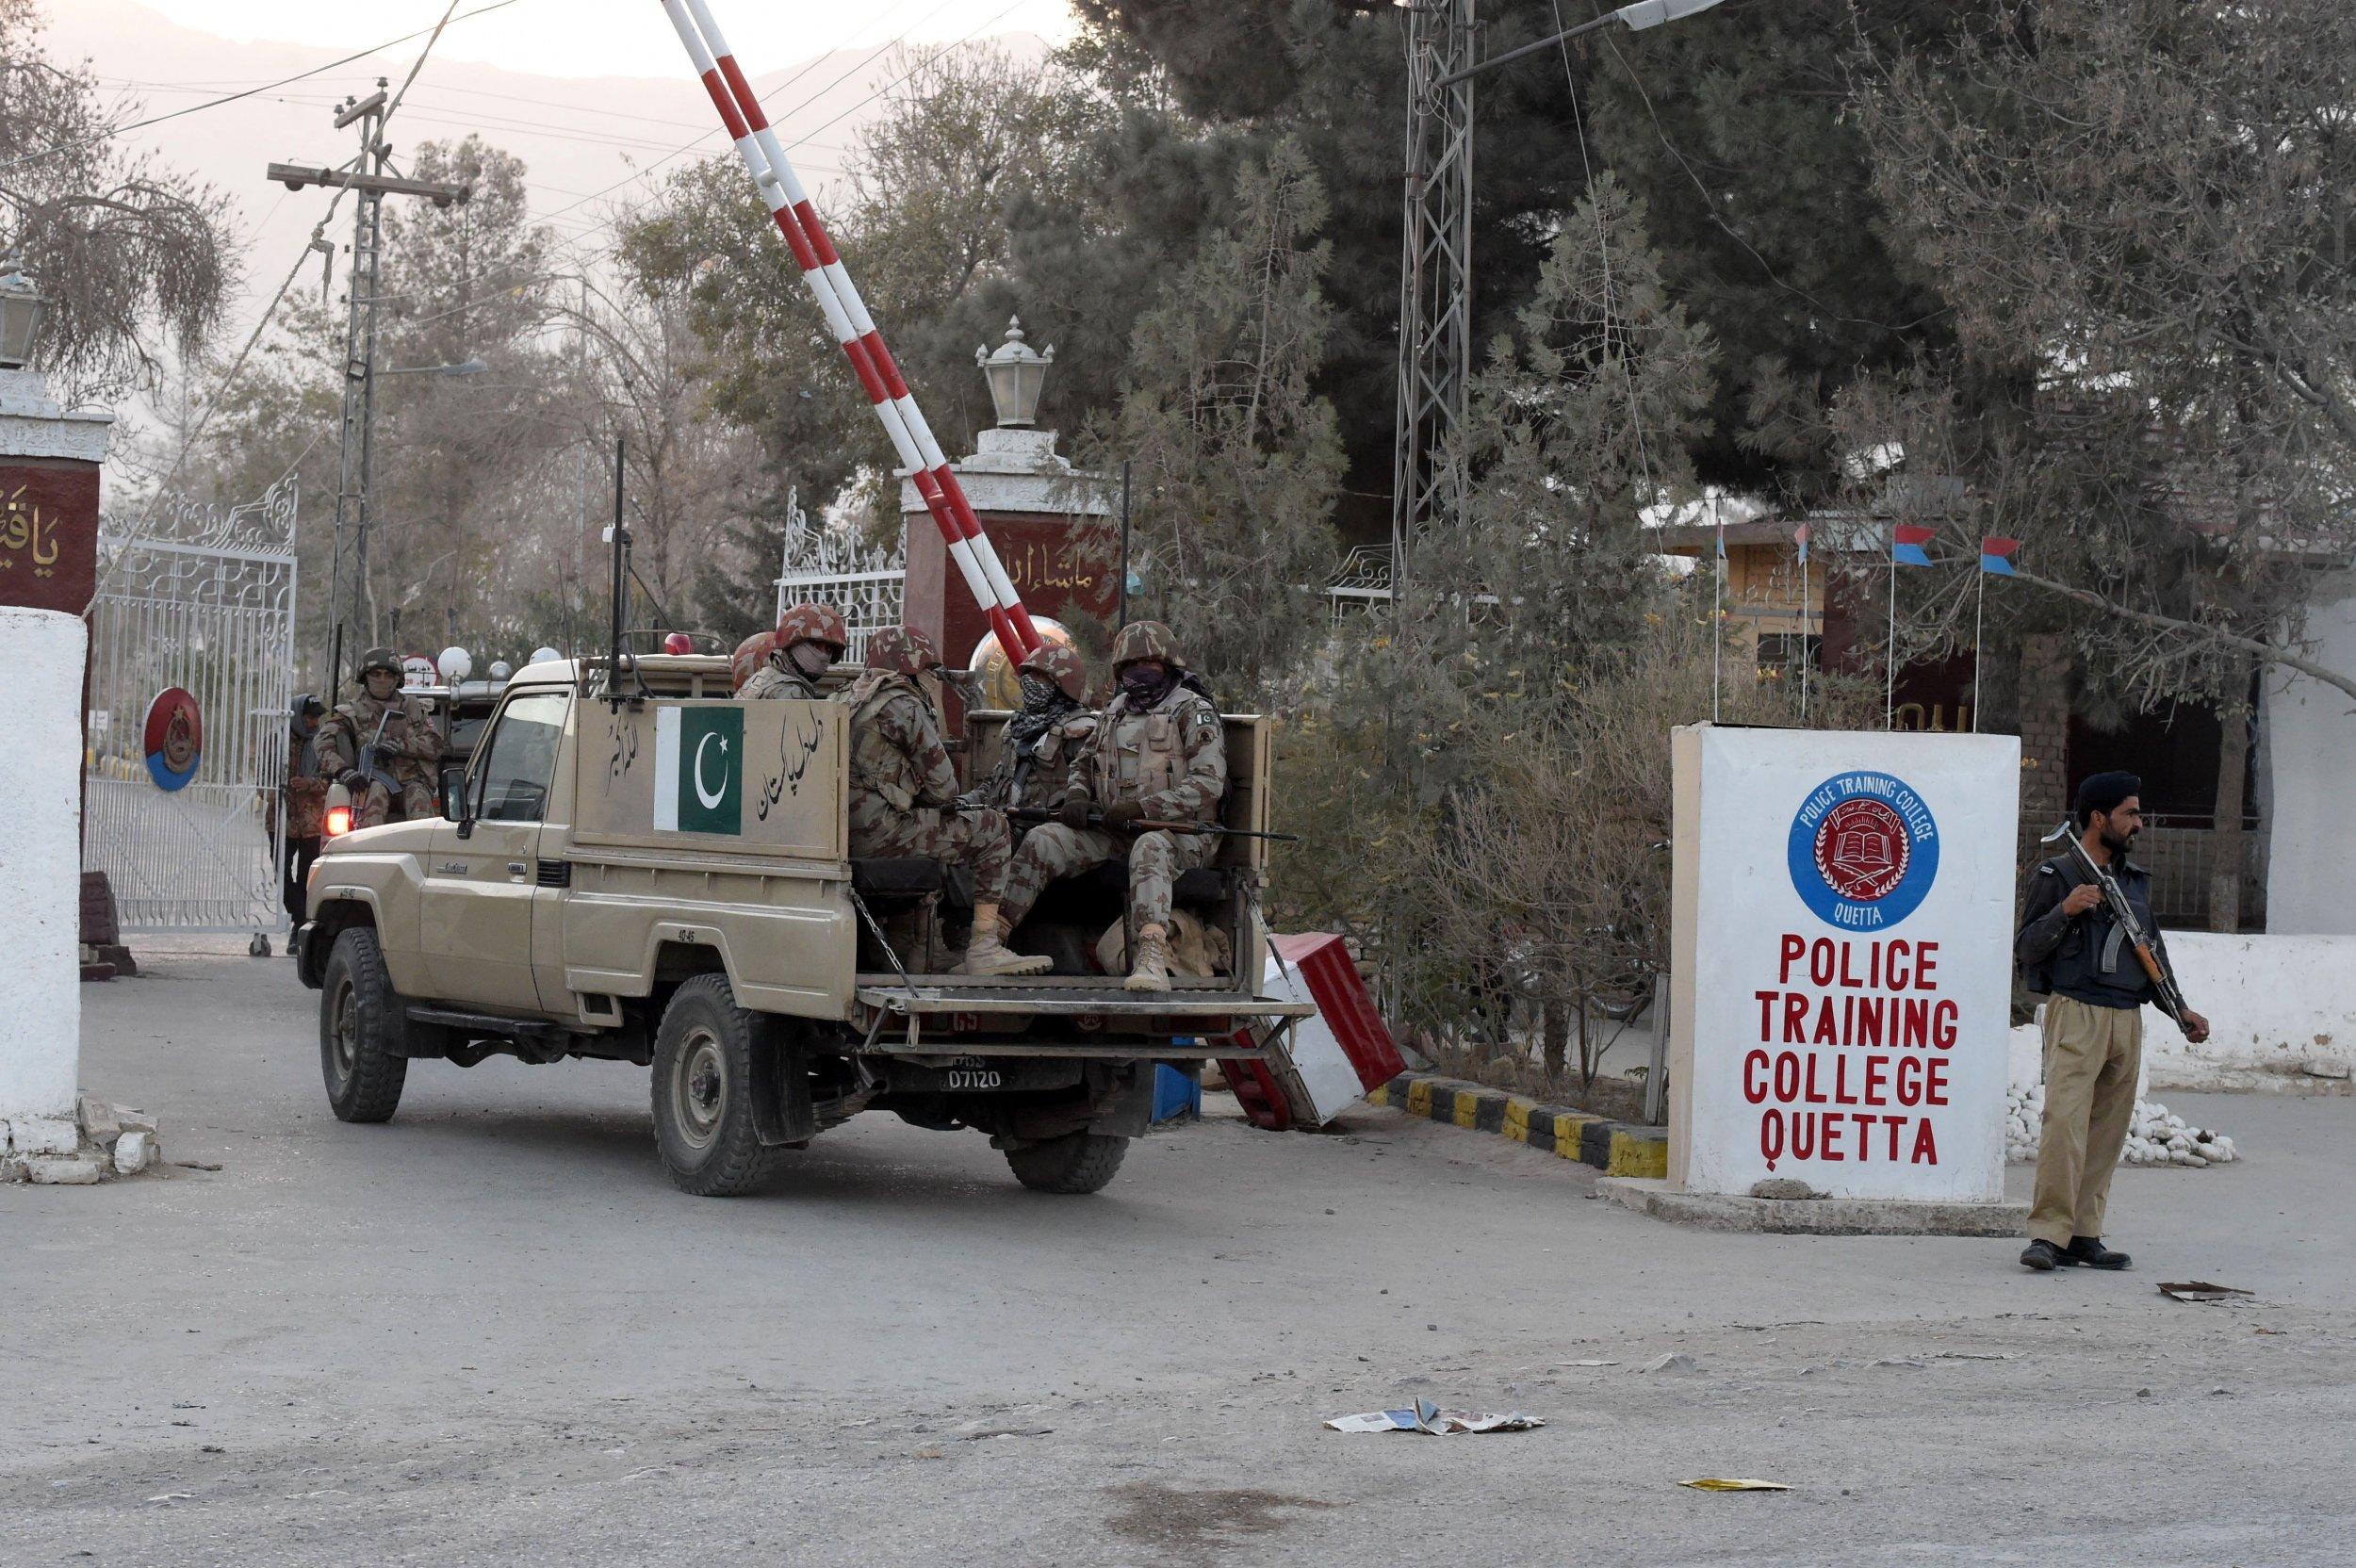 Quetta police college